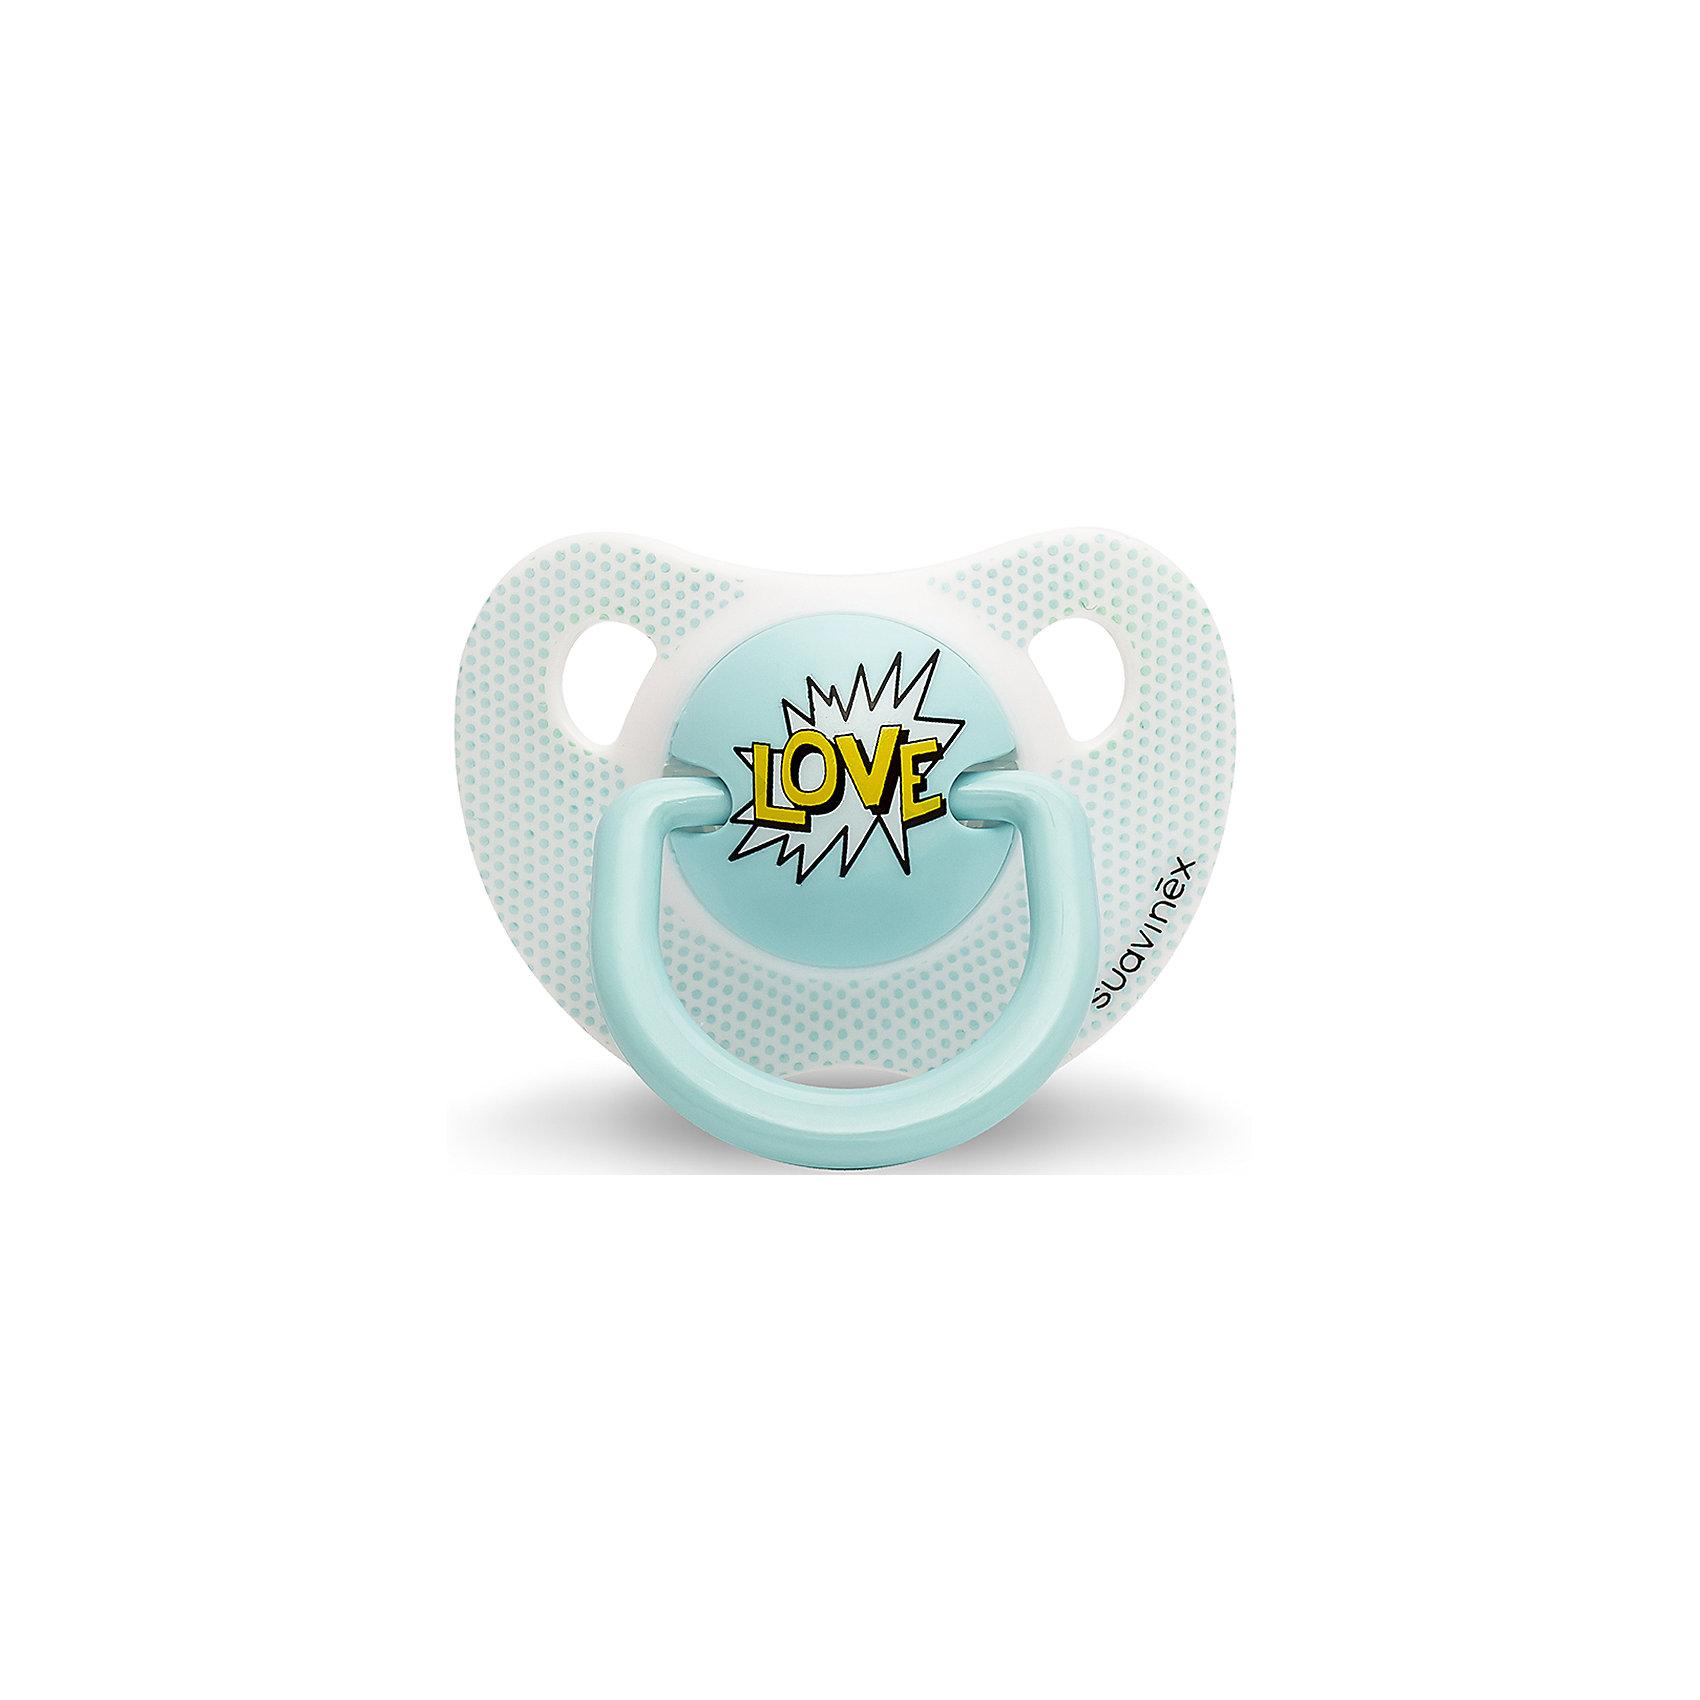 Пустышка силиконовая  LOVE Baby Art, 0-6 мес., Suavinex, голубойПустышки и аксессуары<br>Характеристики:<br><br>• Наименование: пустышка<br>• Рекомендуемый возраст: от 0 и до 6 месяцев<br>• Пол: для мальчика<br>• Материал: силикон, пластик<br>• Цвет: голубой<br>• Рисунок: романтика<br>• Форма: анатомическая<br>• Наличие вентиляционных отверстий <br>• Кольцо для держателя<br>• Вес: 27 г<br>• Параметры (Д*Ш*В): 5,4*6,5*10,9 см <br>• Особенности ухода: можно мыть в теплой воде, регулярная стерилизация <br><br>Пустышка LOVE от 0 до 6 мес Baby Art, Suavinex, голубой изготовлена испанским торговым брендом, специализирующимся на выпуске товаров для кормления и аксессуаров новорожденным и младенцам. Продукция от Suavinex разработана с учетом рекомендаций педиатров и стоматологов, что гарантирует качество и безопасность использованных материалов. <br><br>Пластик, из которого изготовлено изделие, устойчив к появлению царапин и сколов, благодаря чему пустышка длительное время сохраняет свои гигиенические свойства. Форма у соски способствует равномерному распределению давления на небо, что обеспечивает правильное формирование речевого аппарата. <br><br>Пустышка имеет анатомическую форму, для прикрепления держателя предусмотрено кольцо. Изделие выполнено в брендовом дизайне, надпись LOVE нанесена по инновационной технологии, которая обеспечивает стойкость рисунка даже при длительном использовании и частой стерилизации.<br><br>Пустышку LOVE от 0 до 6 мес Baby Art, Suavinex, голубой можно купить в нашем интернет-магазине.<br><br>Ширина мм: 54<br>Глубина мм: 65<br>Высота мм: 109<br>Вес г: 27<br>Возраст от месяцев: 0<br>Возраст до месяцев: 6<br>Пол: Мужской<br>Возраст: Детский<br>SKU: 5451239